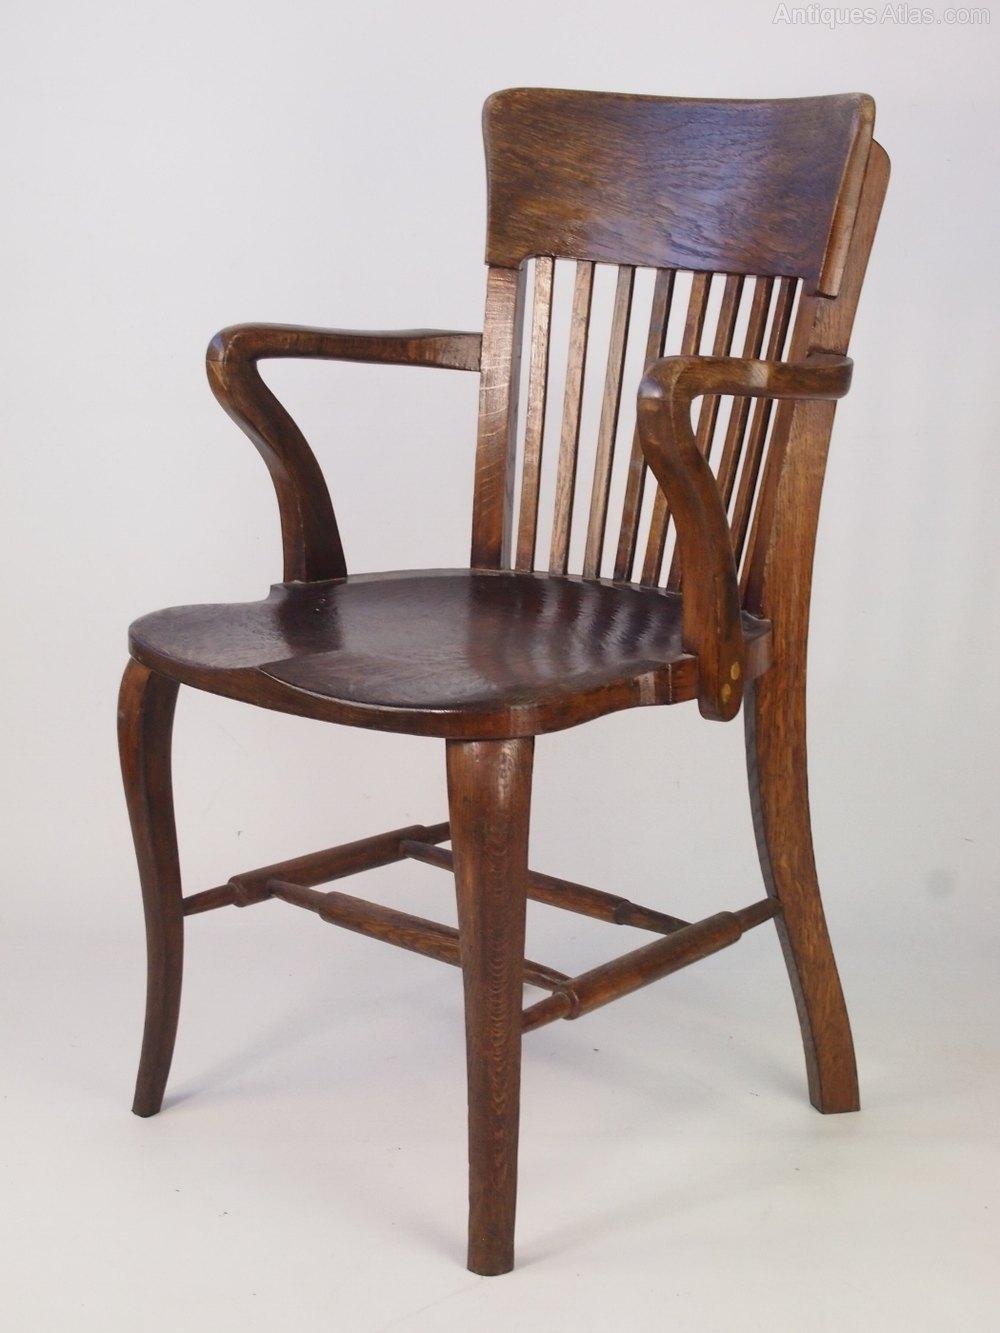 Vintage oak desk chair antiques atlas for Antique office chair